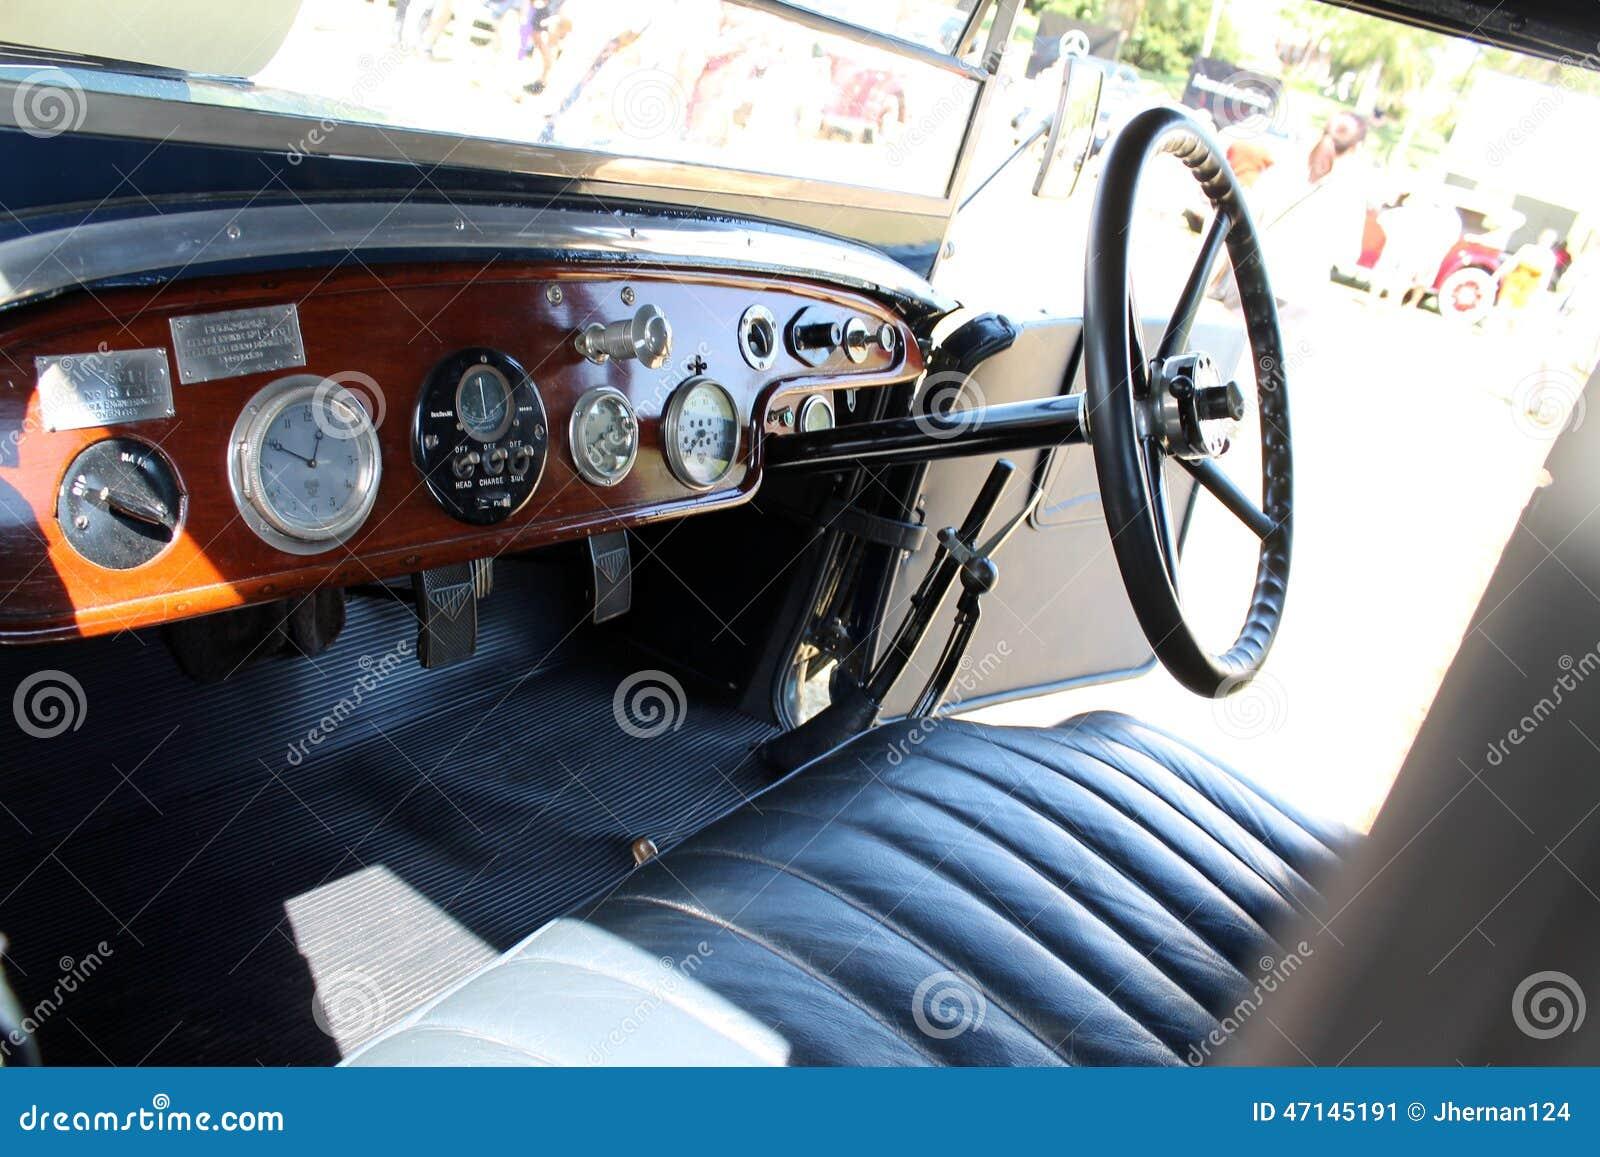 Vieil int rieur de voiture ancienne photo ditorial for Interieur de voiture